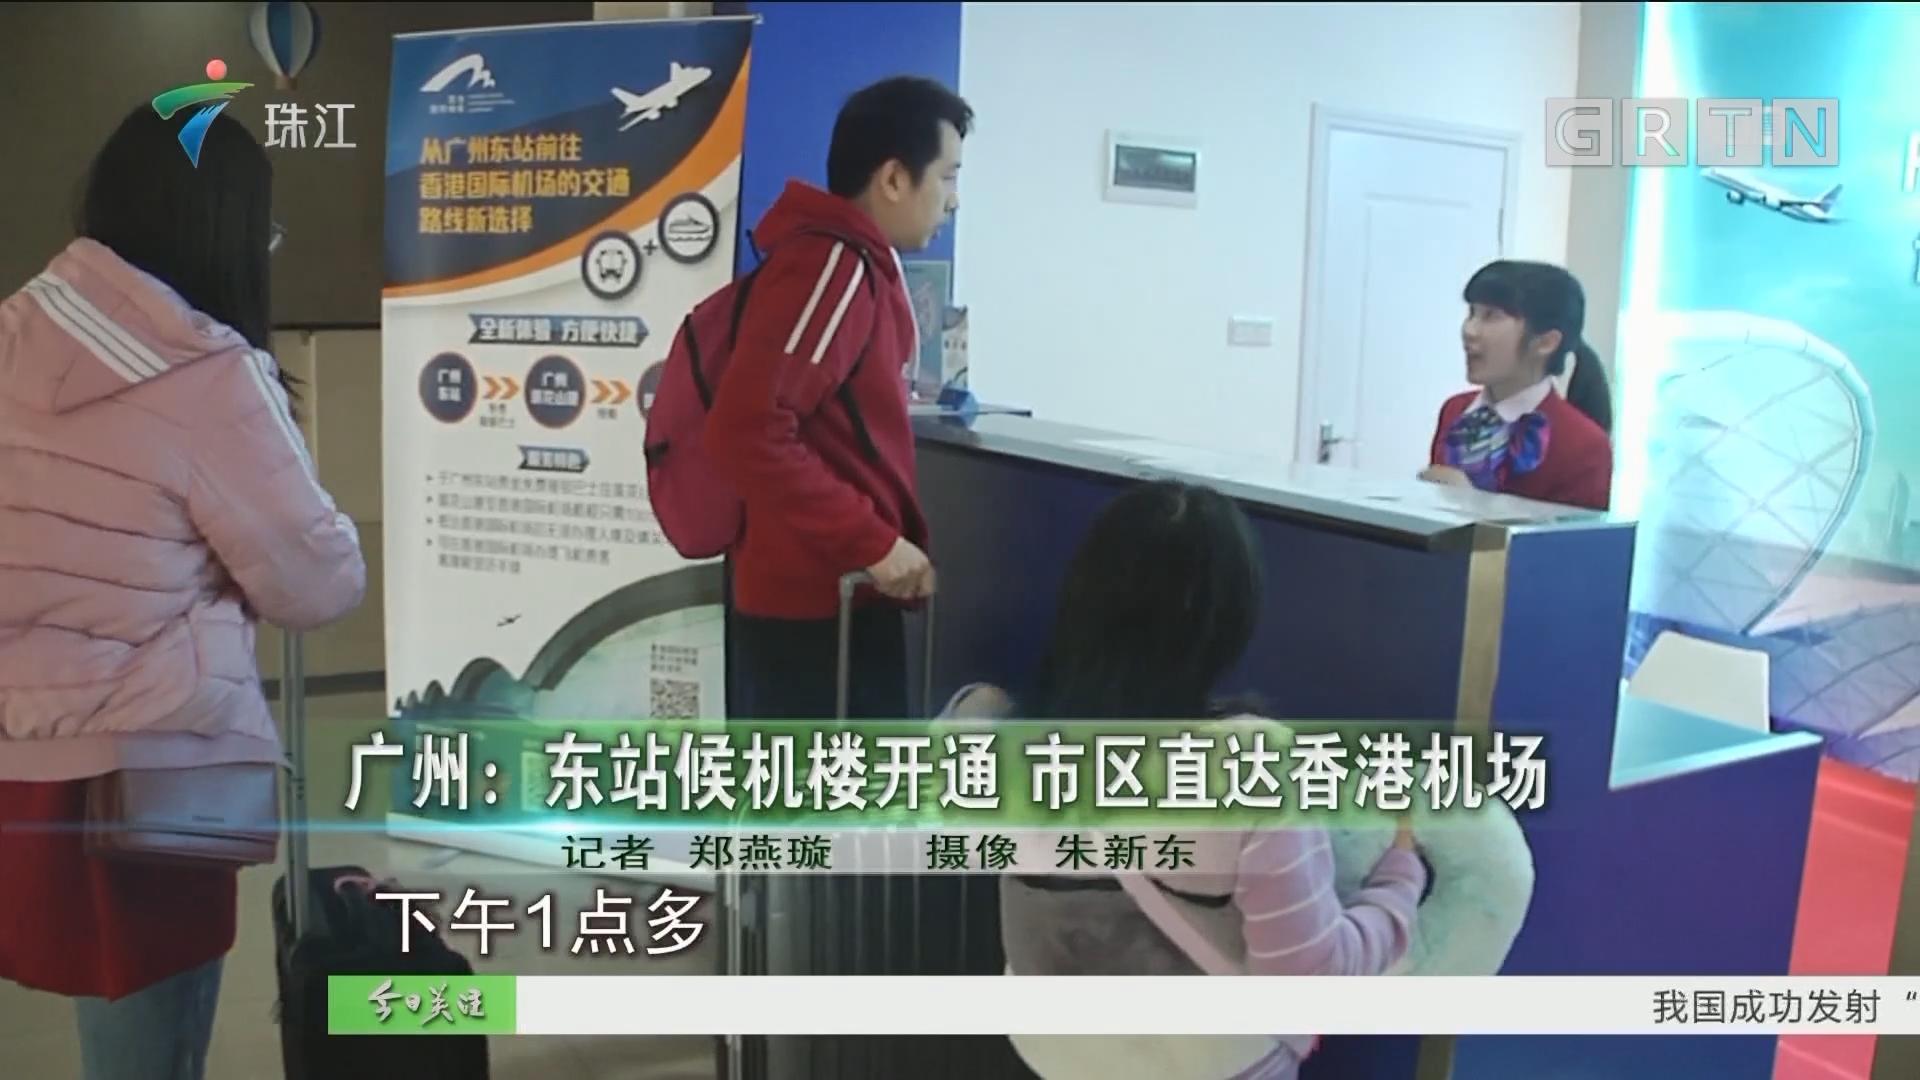 广州:东站候机楼开通 市区直达香港机场